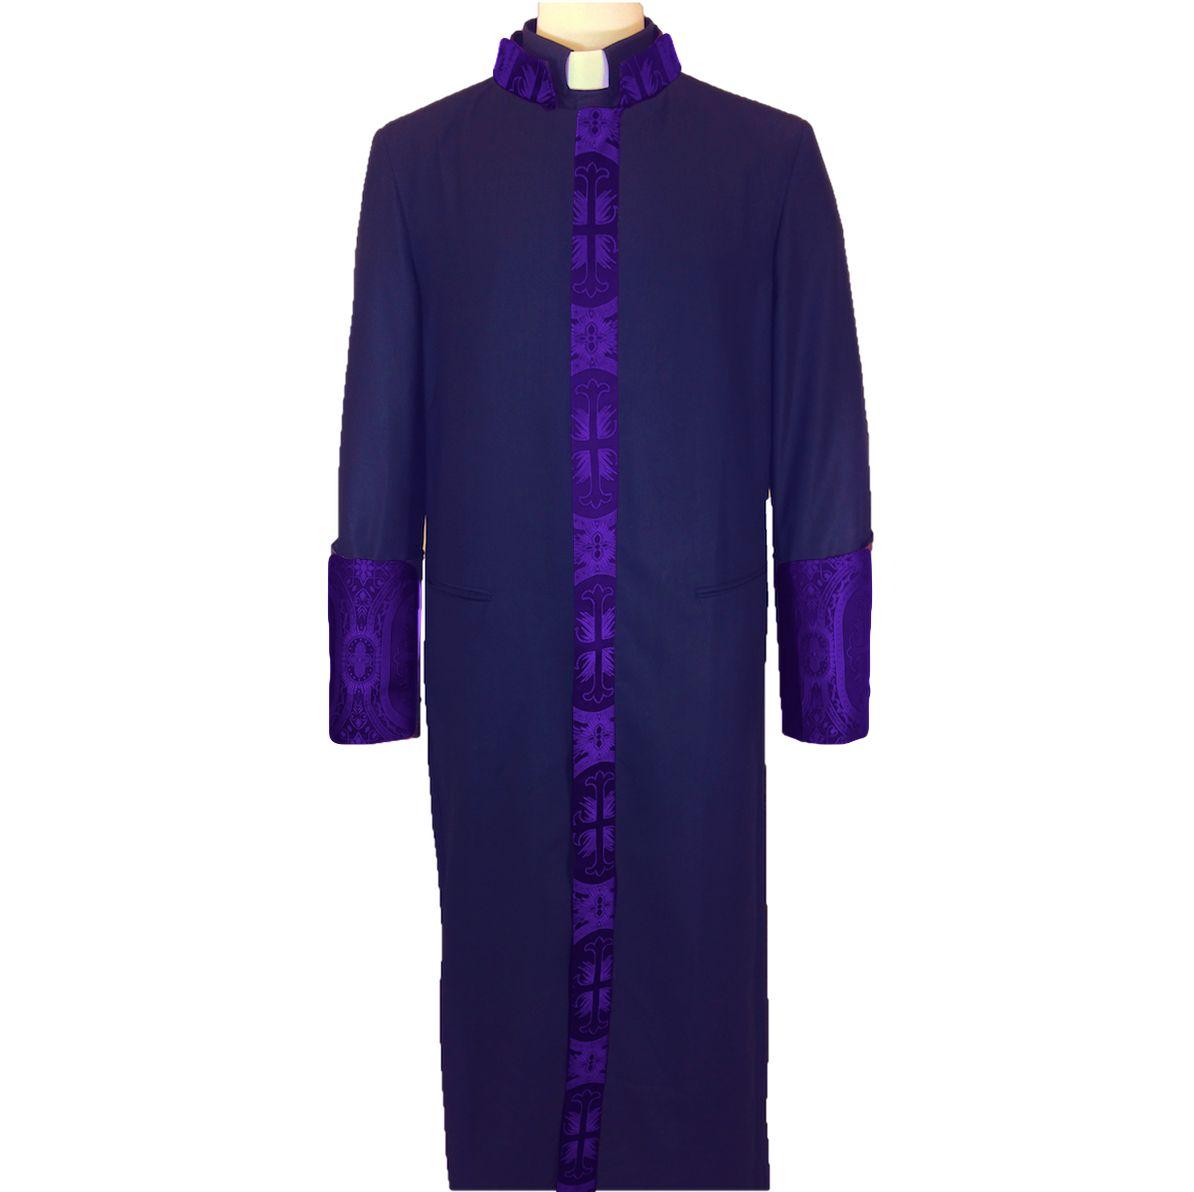 854 M. Men's Premium Pastor/Clergy Robe Black/Purple